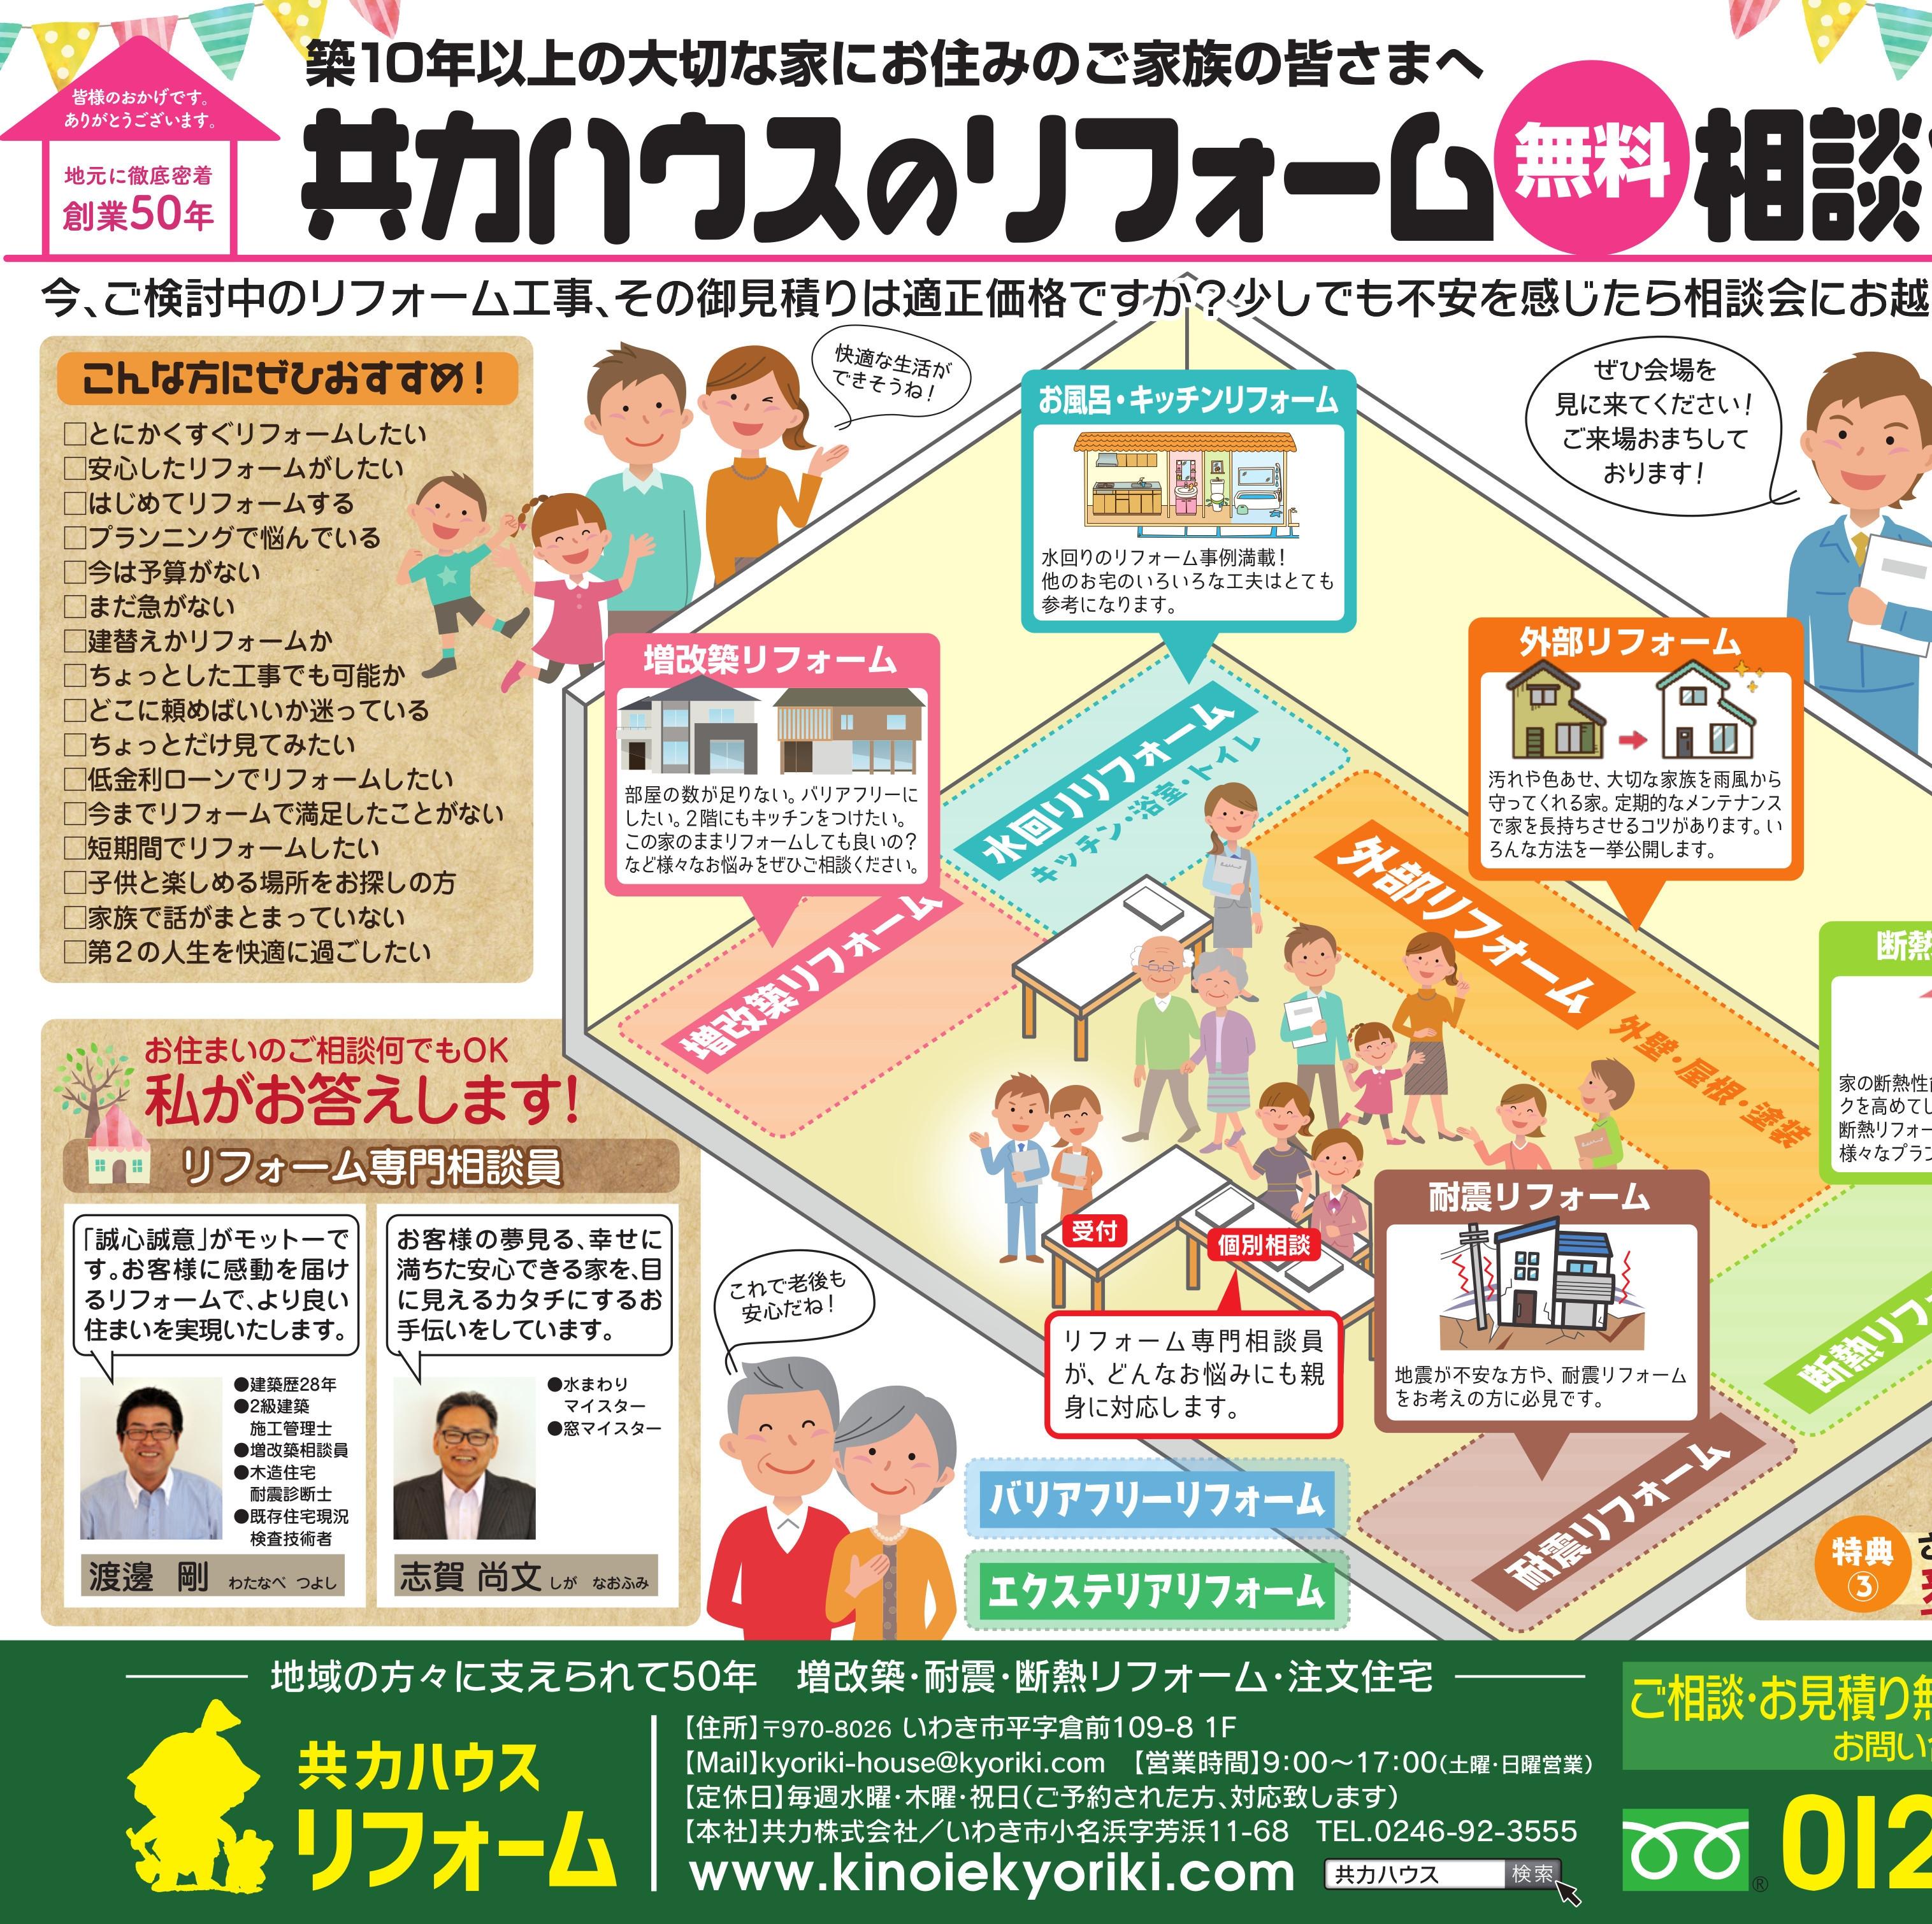 6/23(日)リフォーム無料相談会開催!!